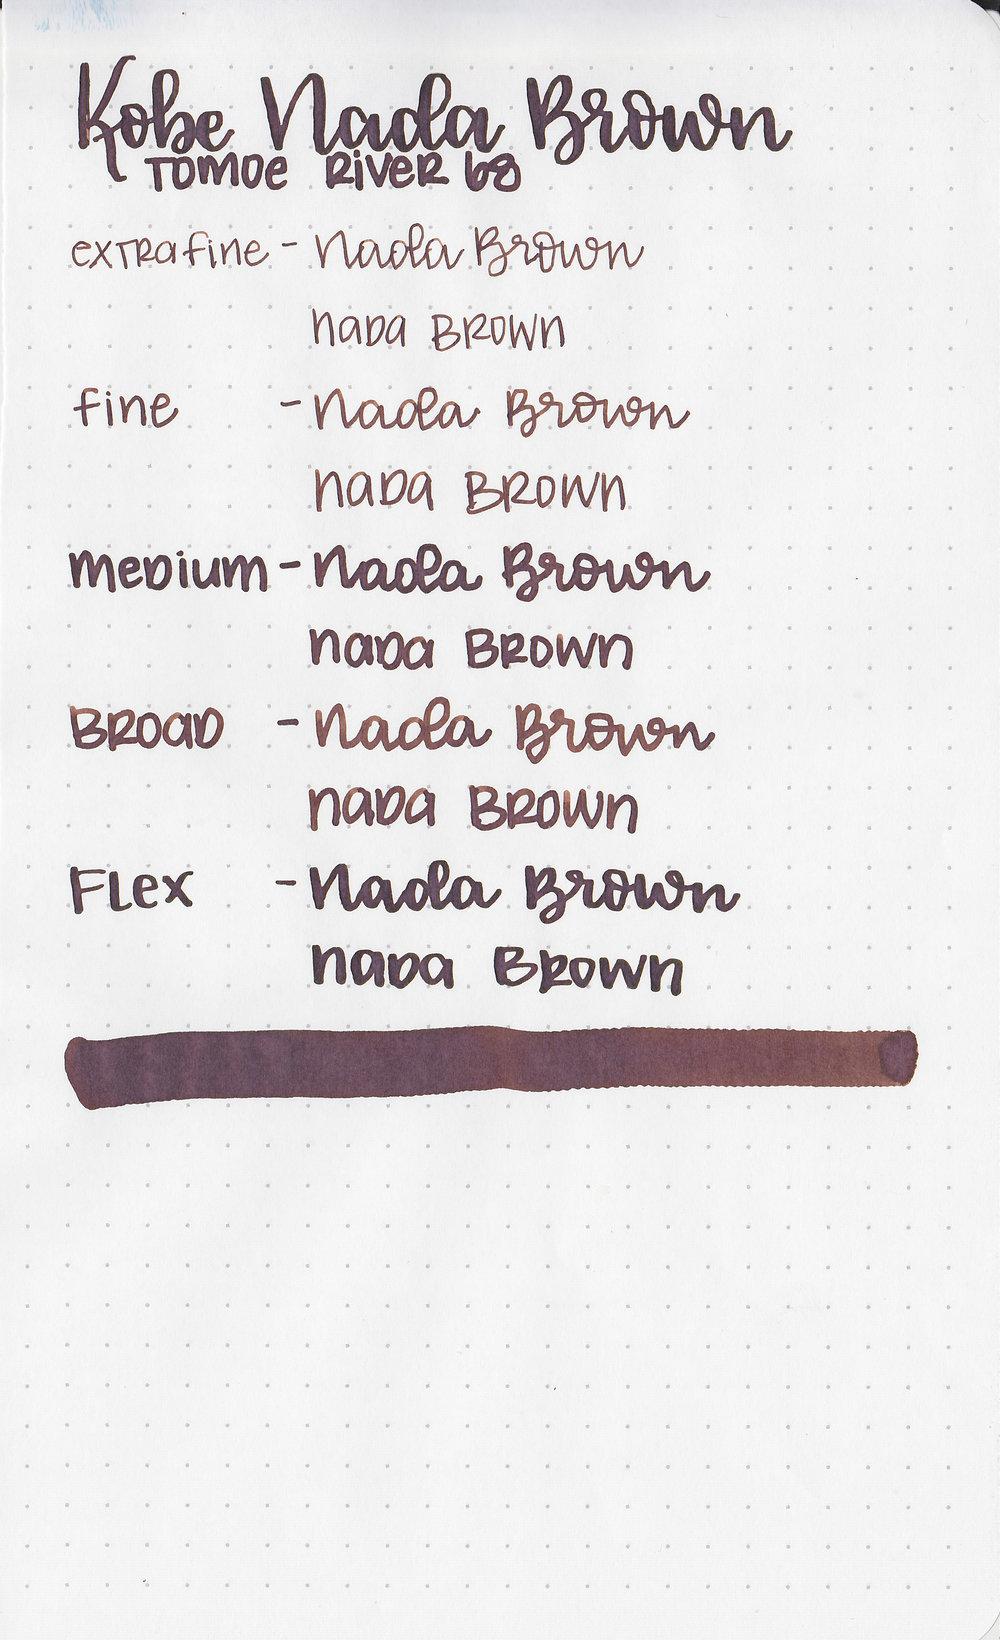 nk-nada-brown-7.jpg